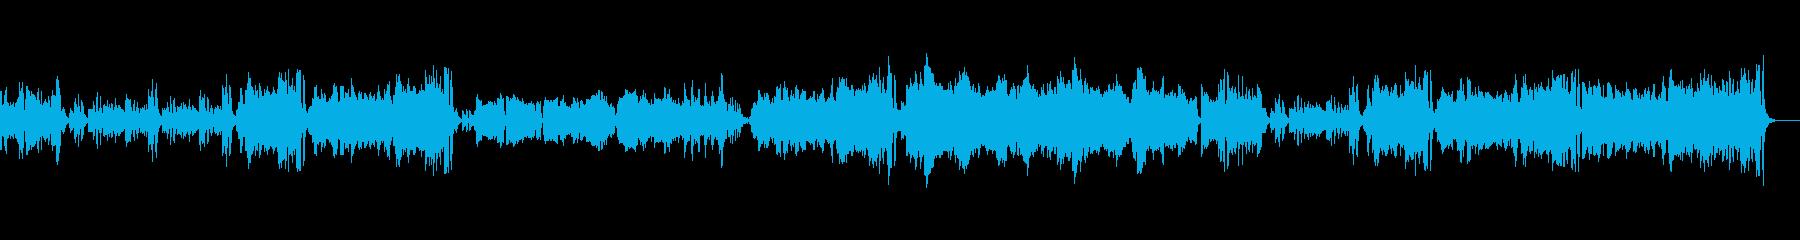 筋トレ・フィットネス用生演奏リコーダーの再生済みの波形